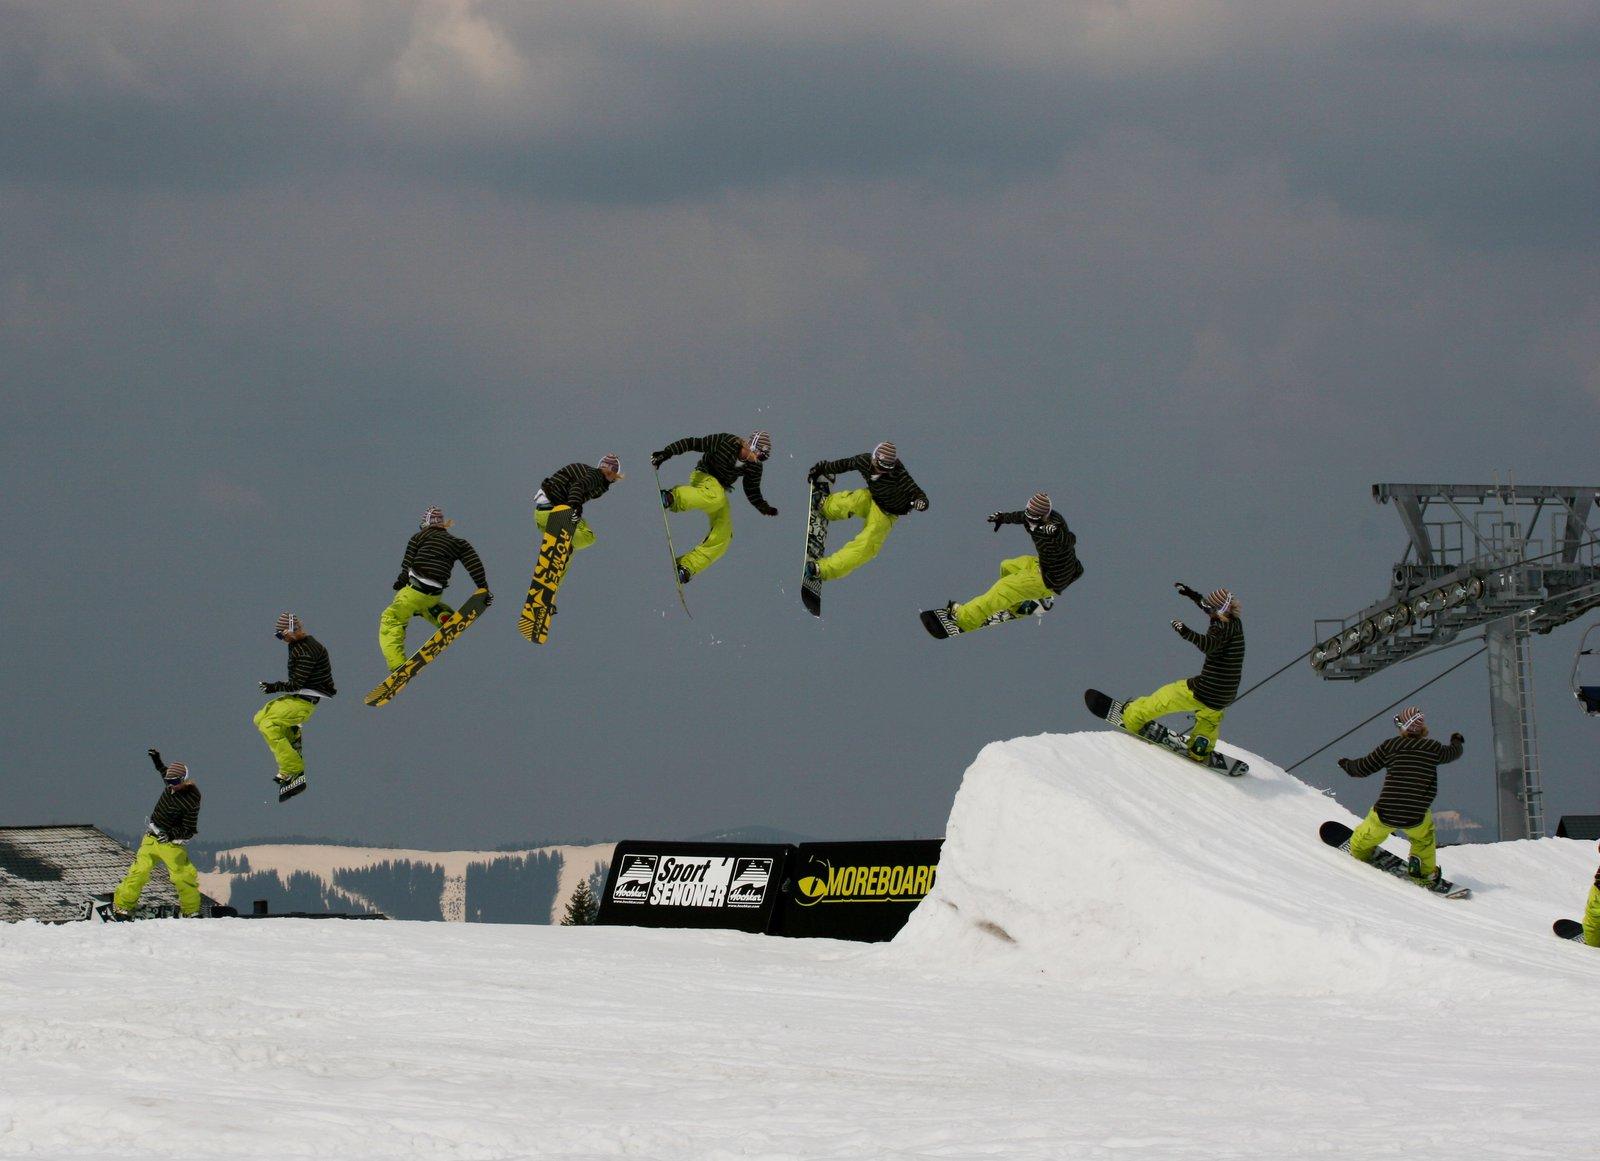 Snowboard fs 7 tail